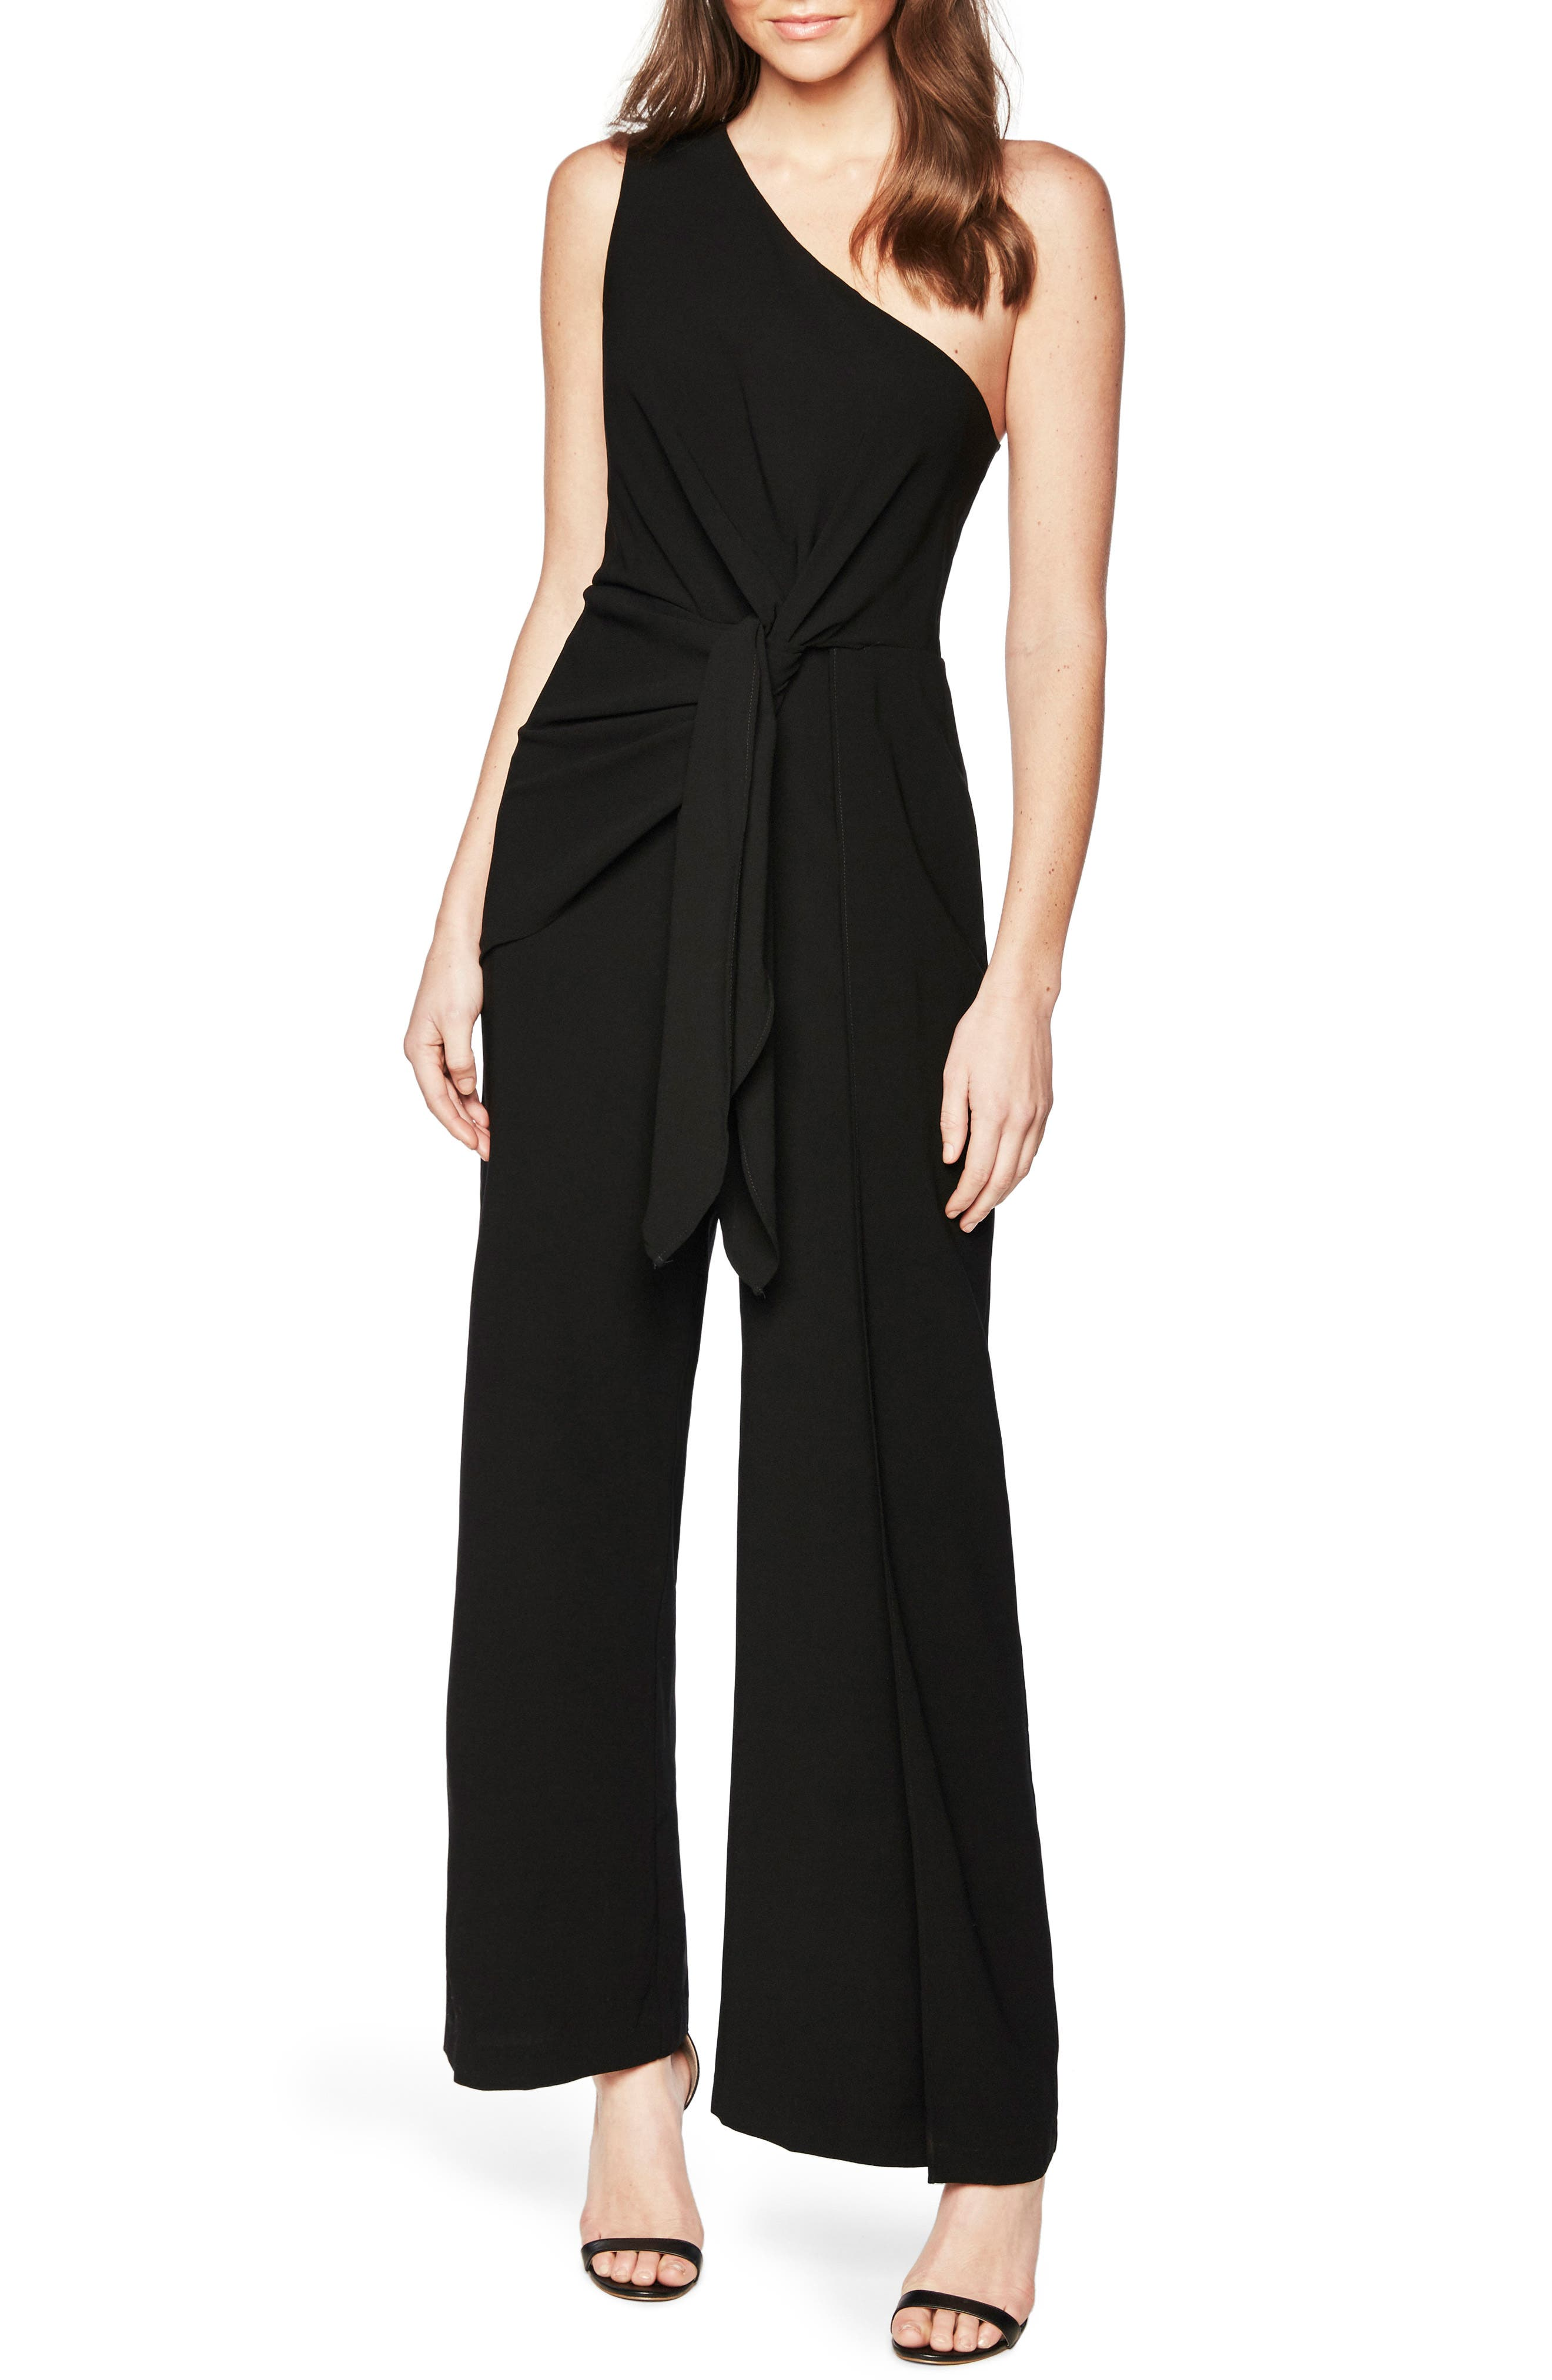 Bellini One-Shoulder Jumpsuit,                             Main thumbnail 1, color,                             Black